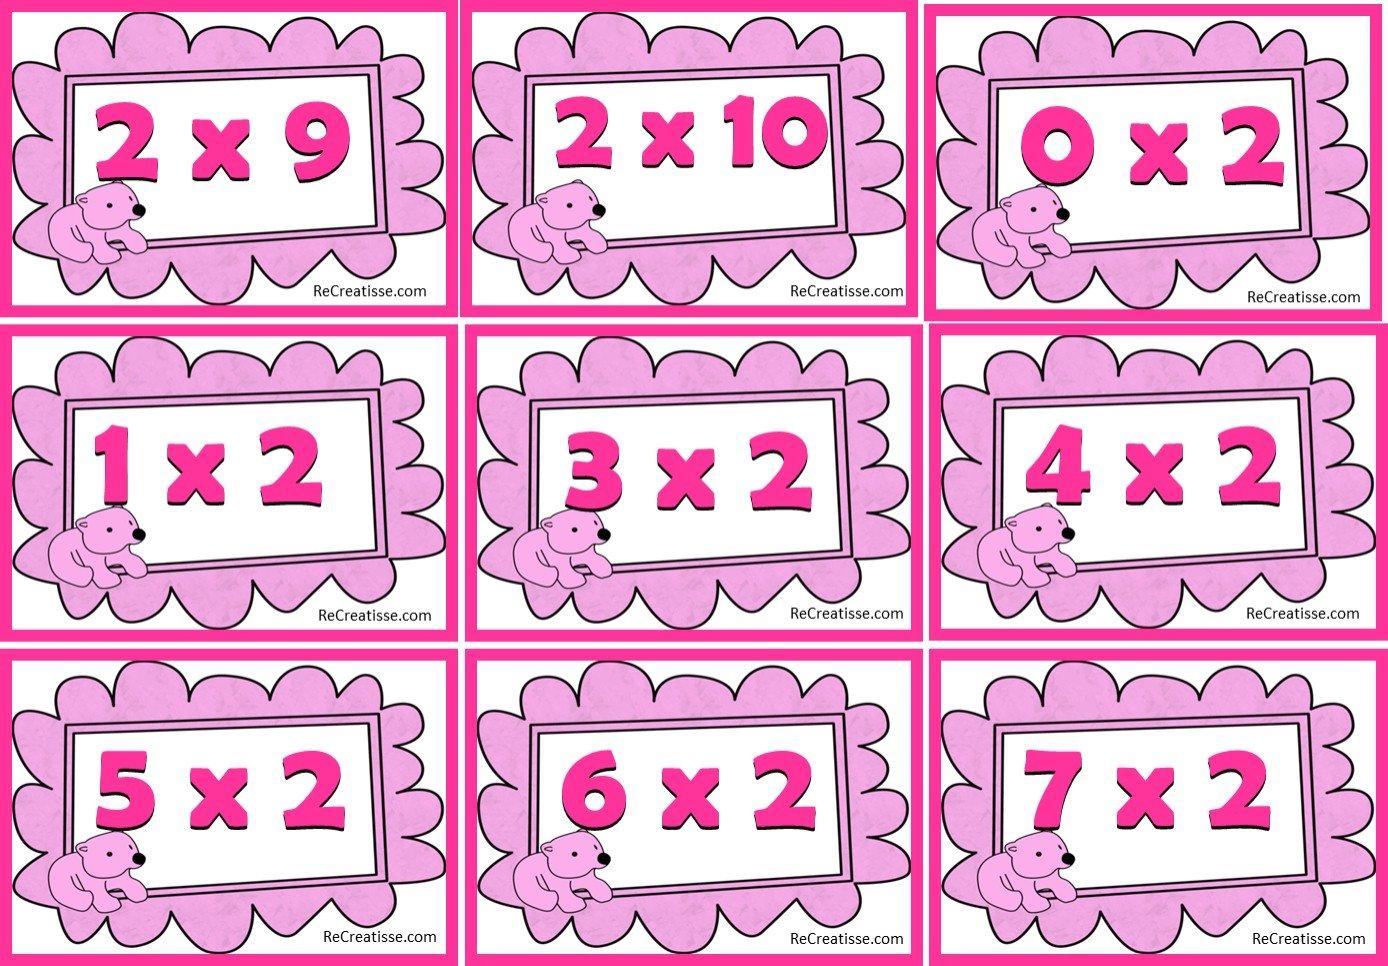 Ateliers jeux activites autour de la multiplication recreatisse - Jeu de role sur table en ligne ...